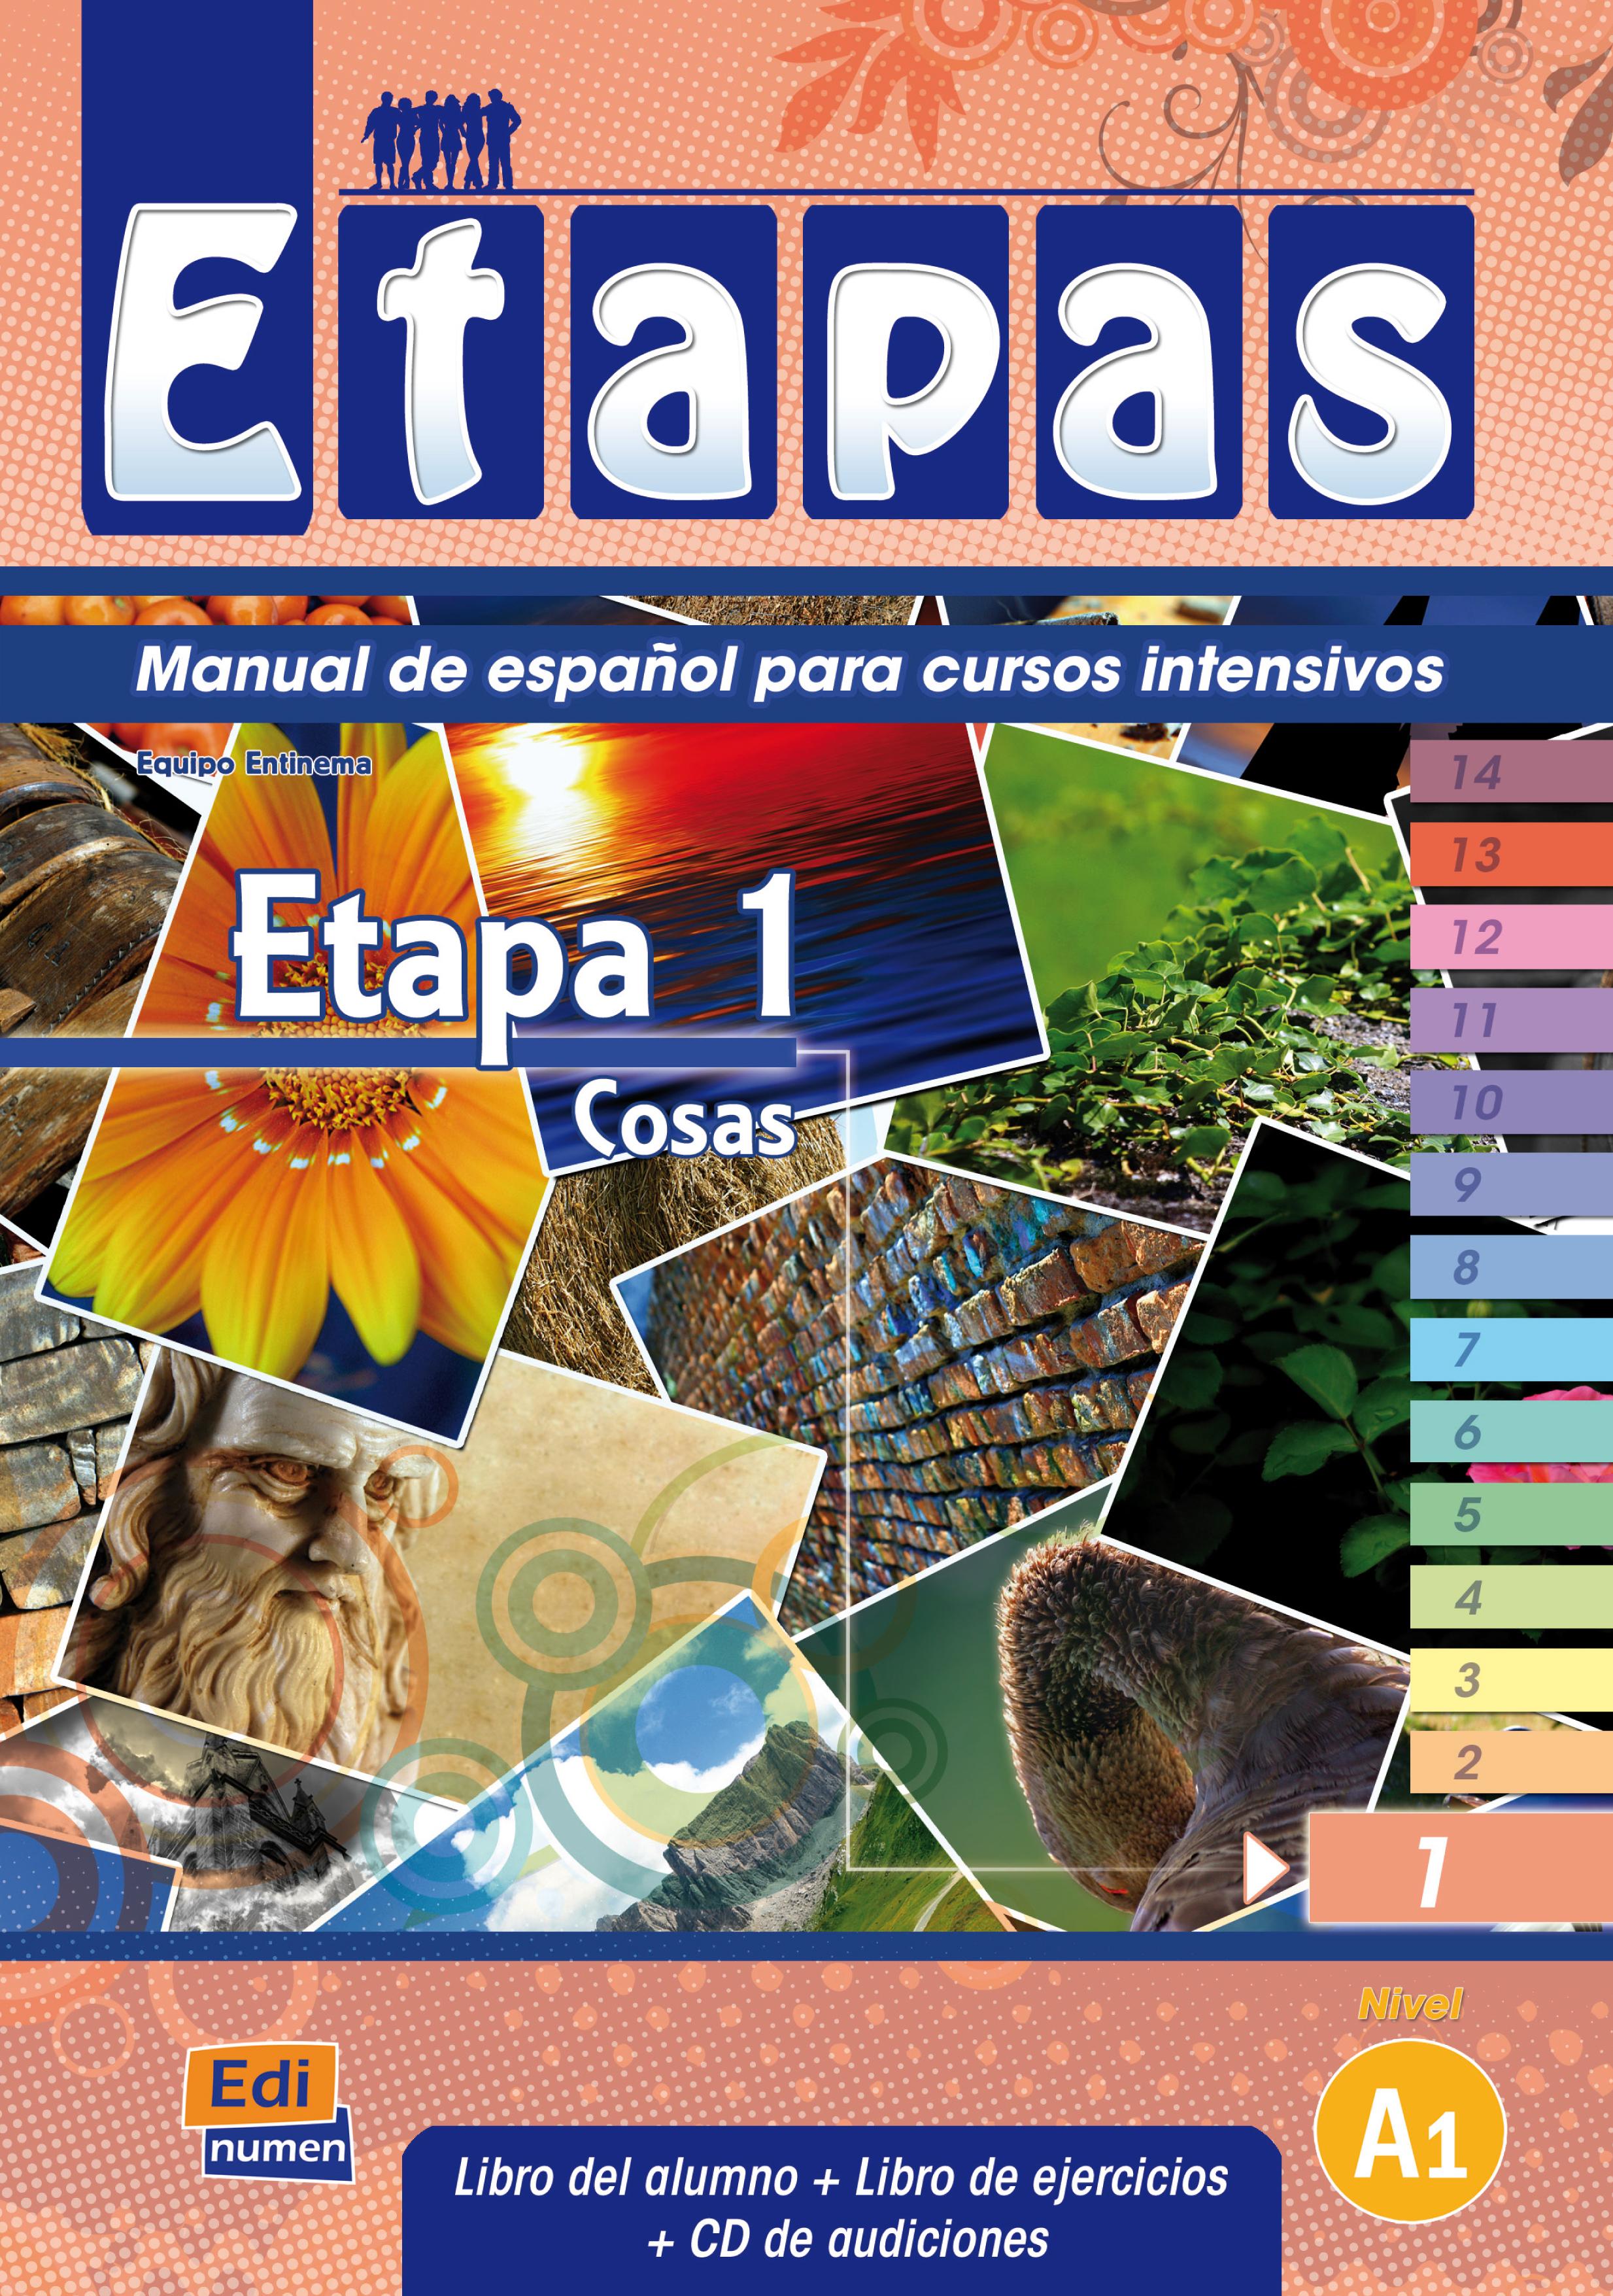 Etapas : Etapa 1. Cosas - Libro del alumno/Ejercicios